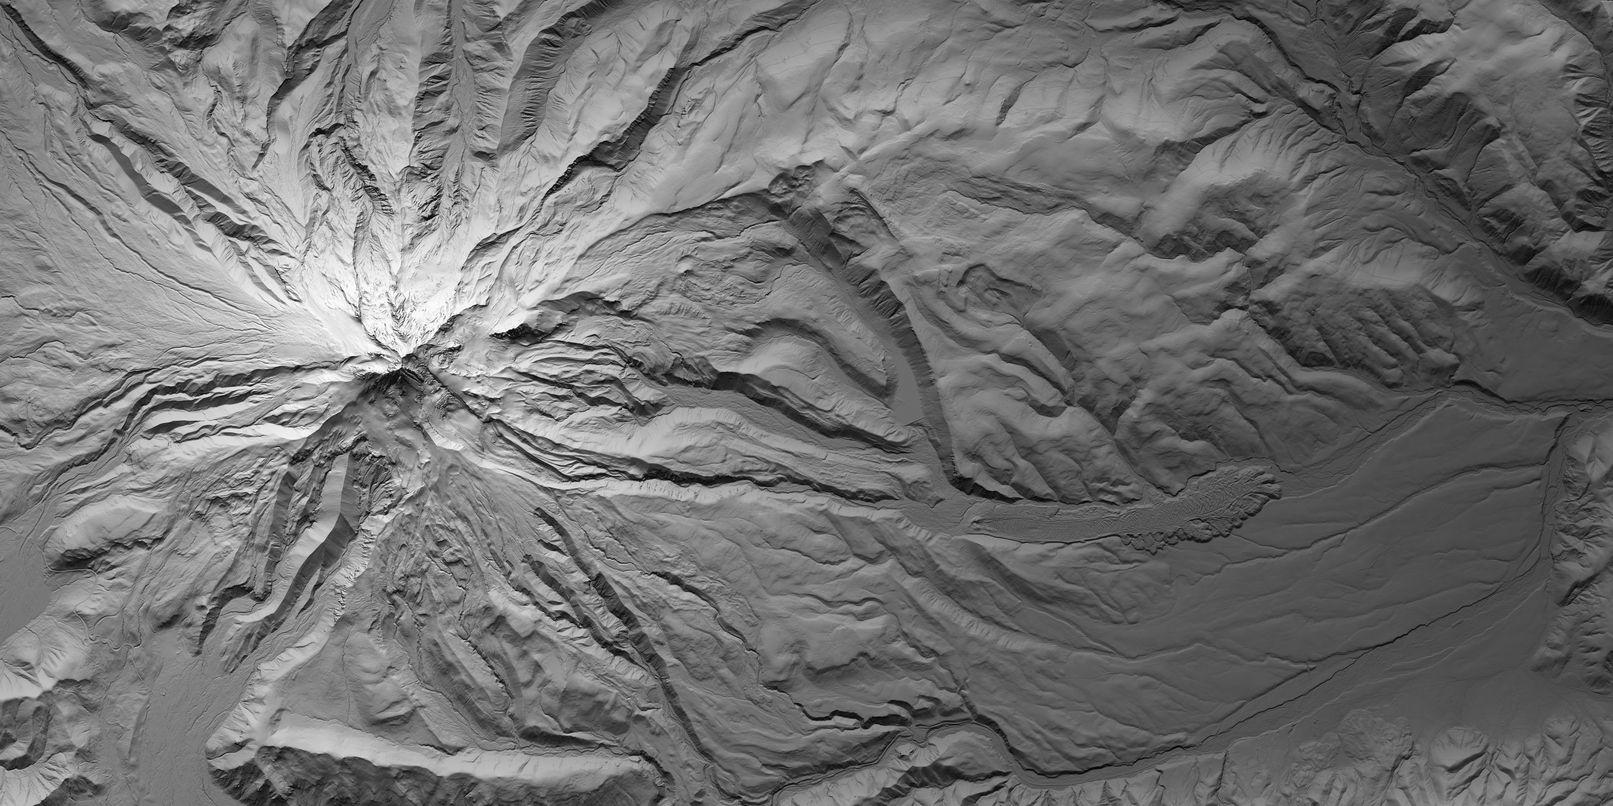 Map of Mount Hood